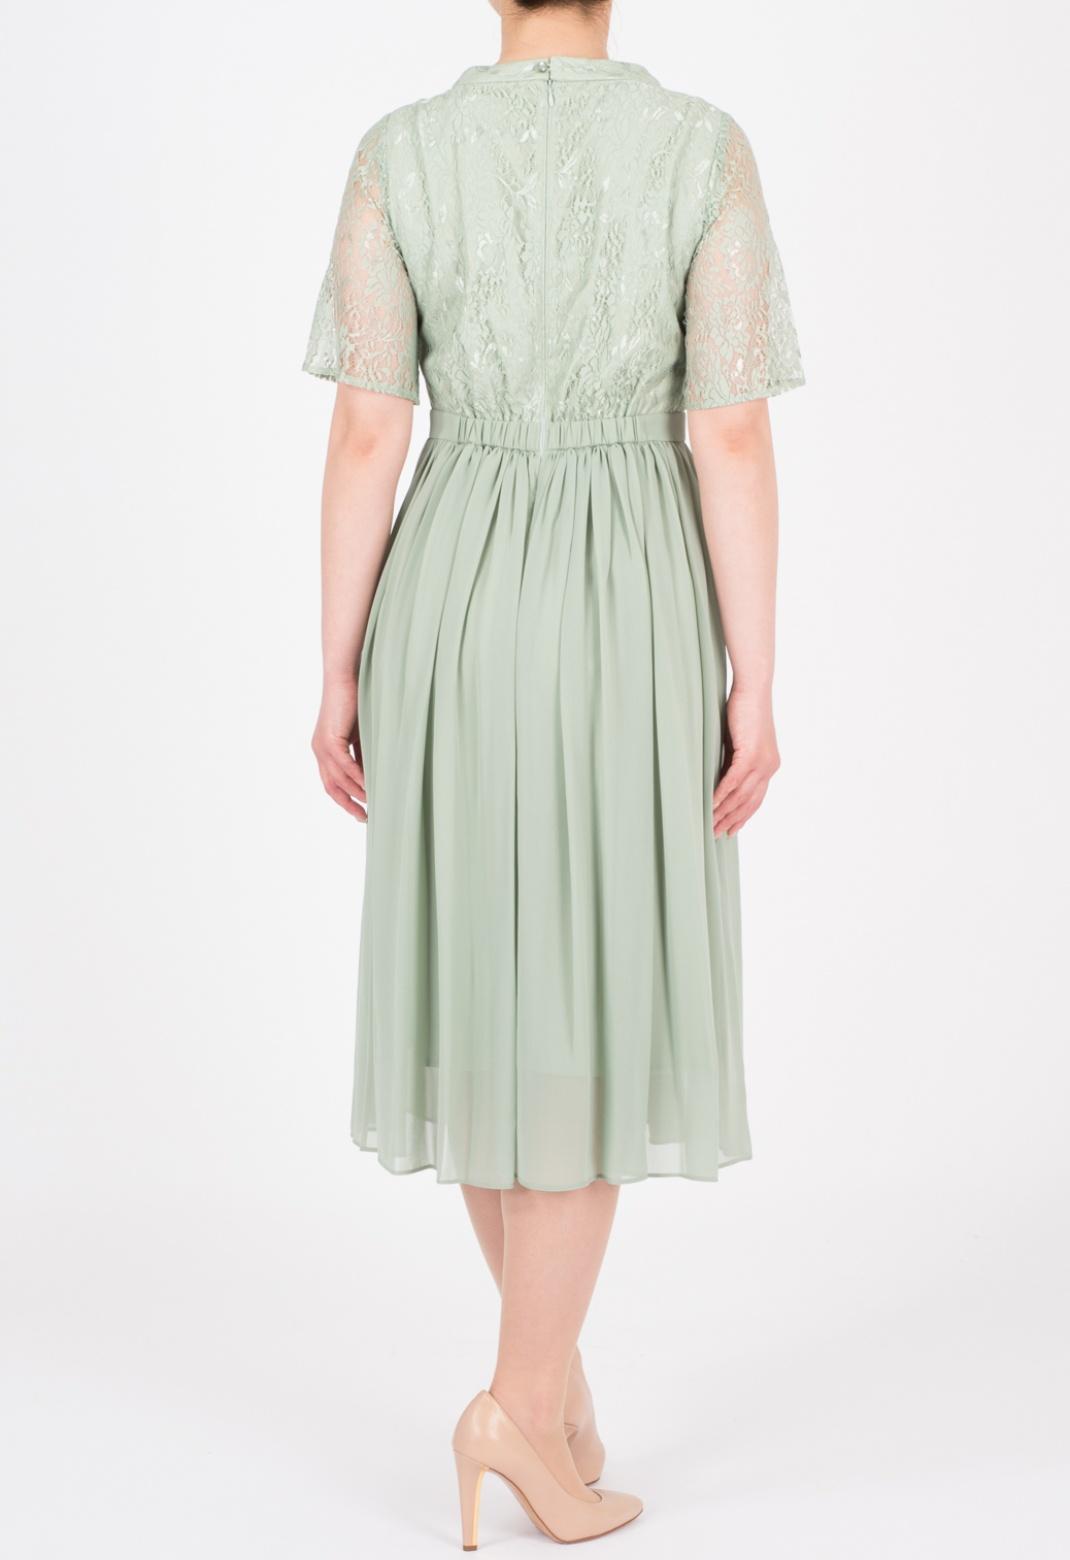 ハシゴレース シフォン 半袖 ドレス